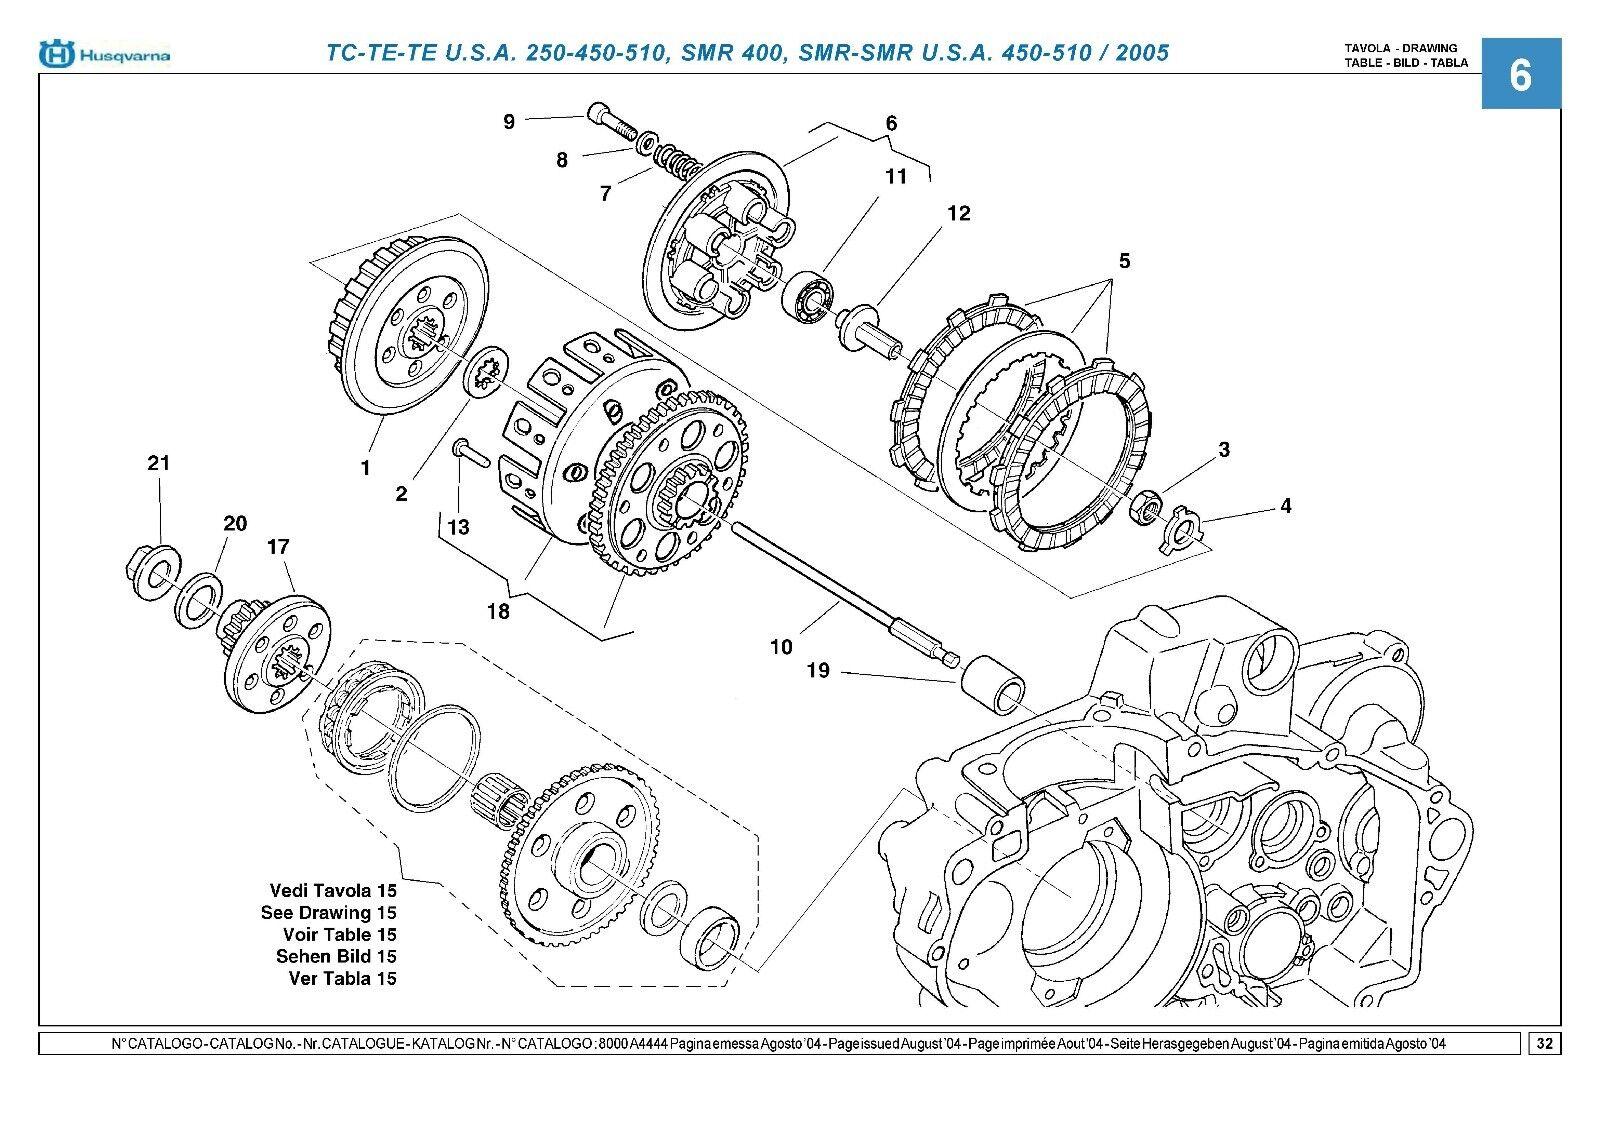 Husqvarna Parts Manual Book 2005 Te 250 450 510 Ebay Engine Diagram